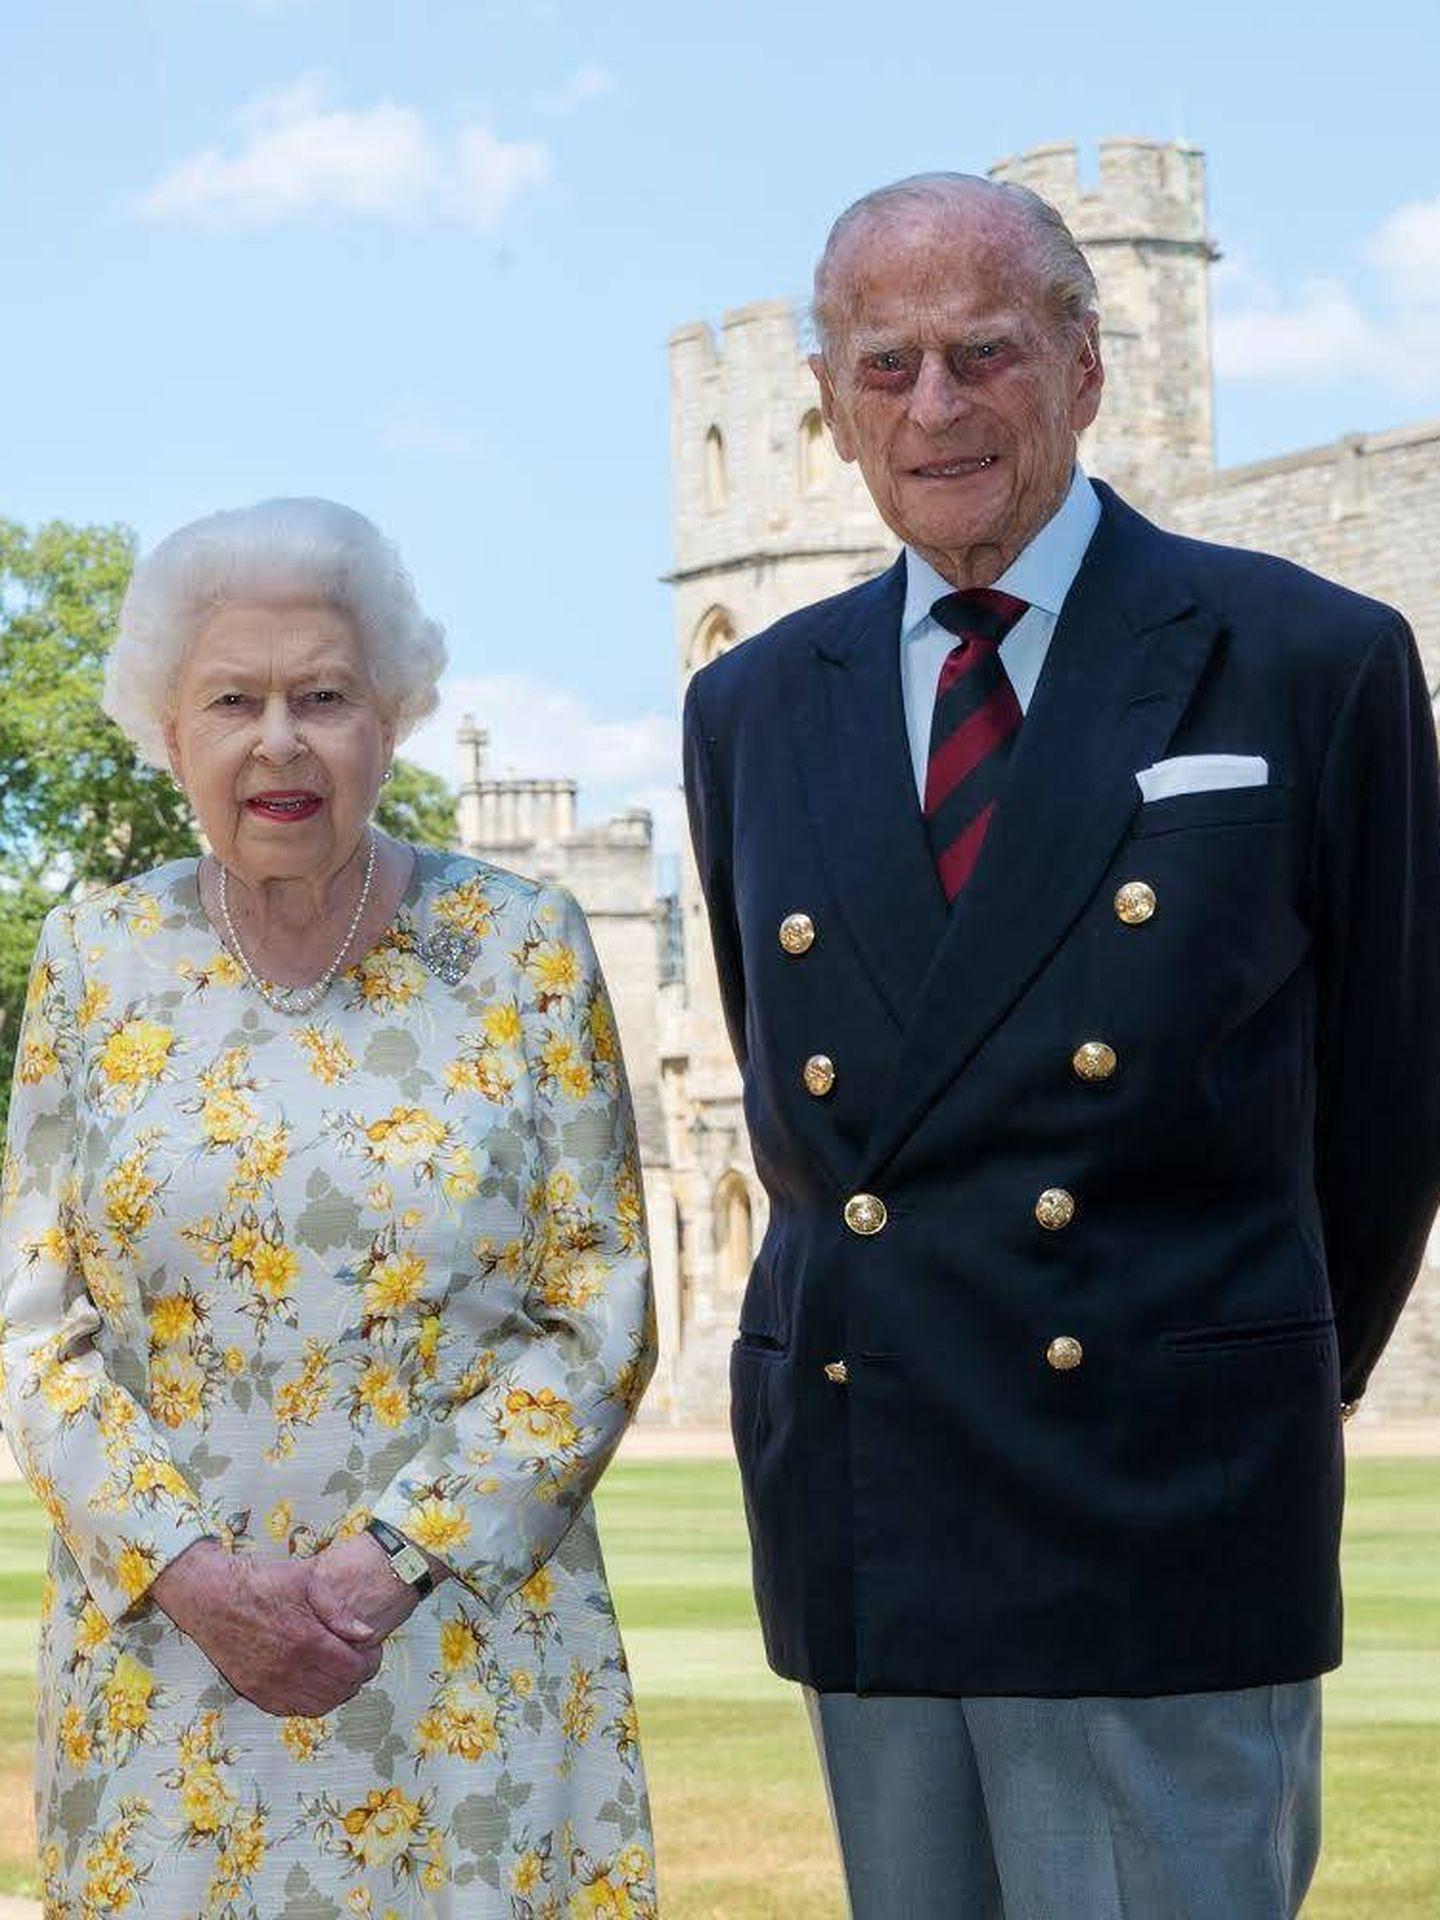 El duque de Edimburgo, junto a la reina Isabel en su 99º cumpleaños. (Palacio de Buckingham)